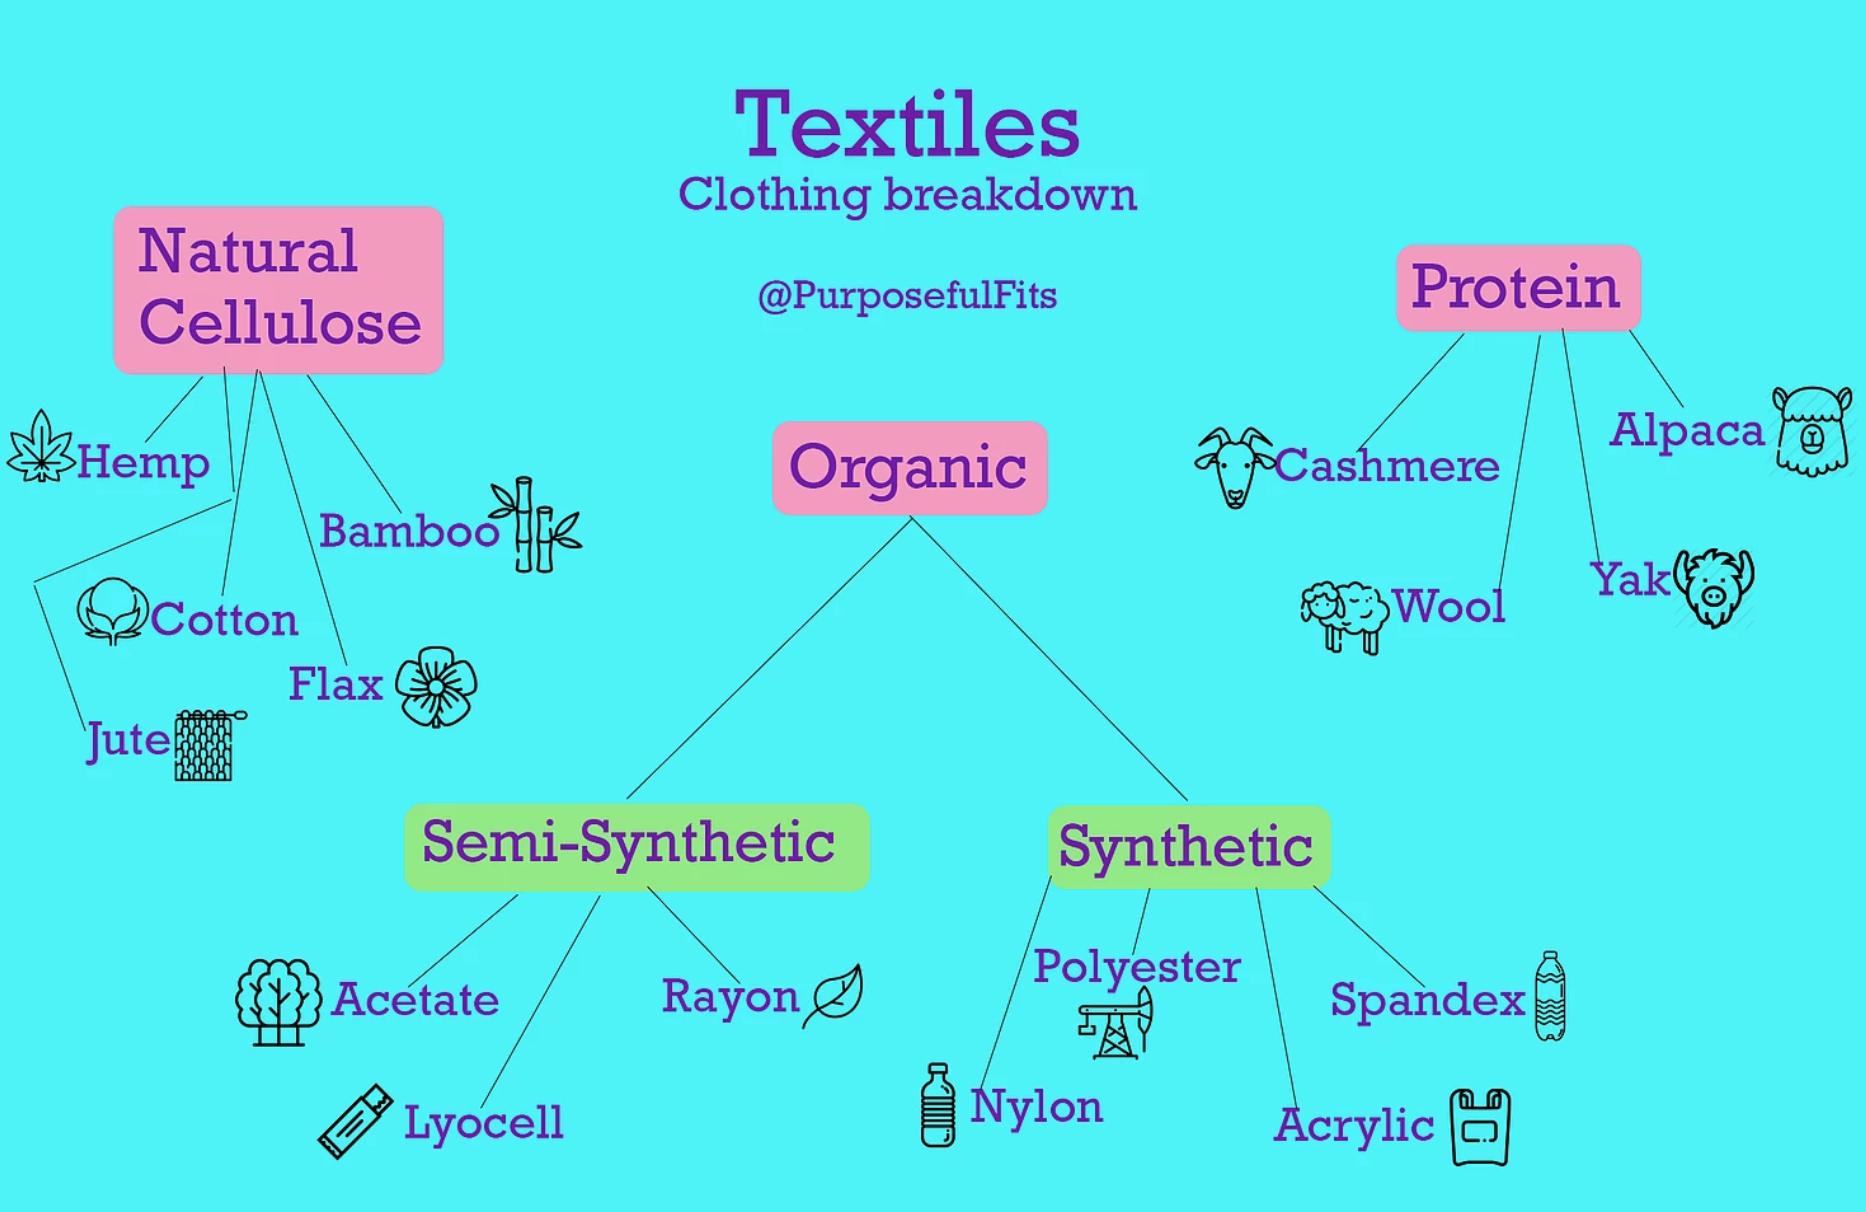 Textile Breakdown